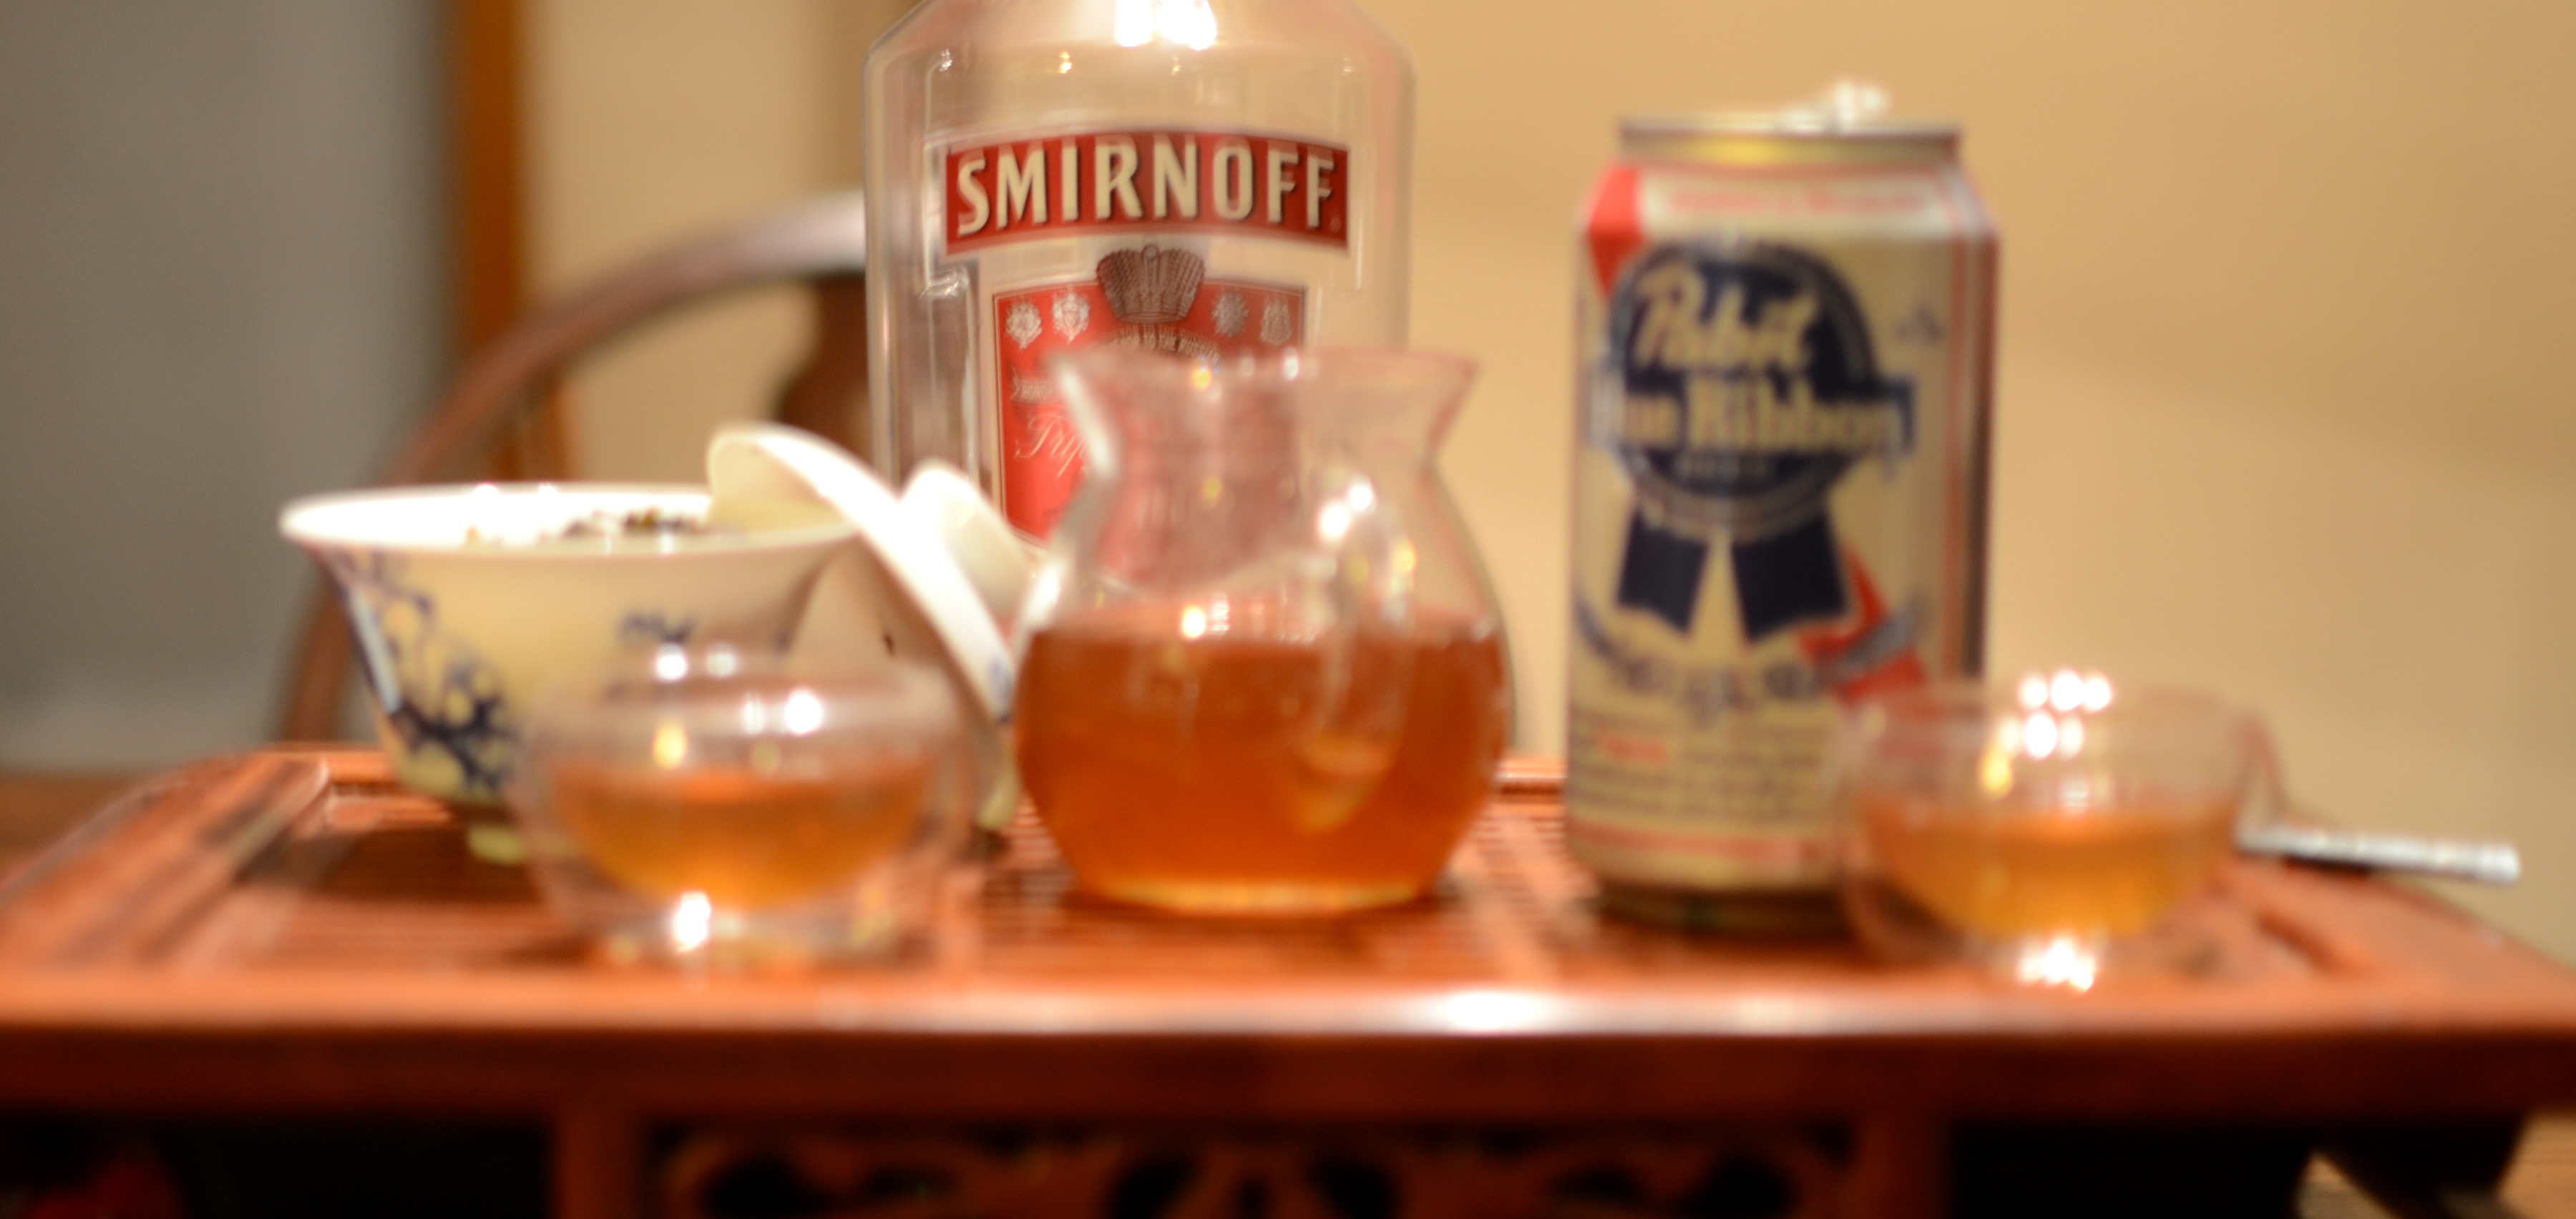 booze on the tea tray